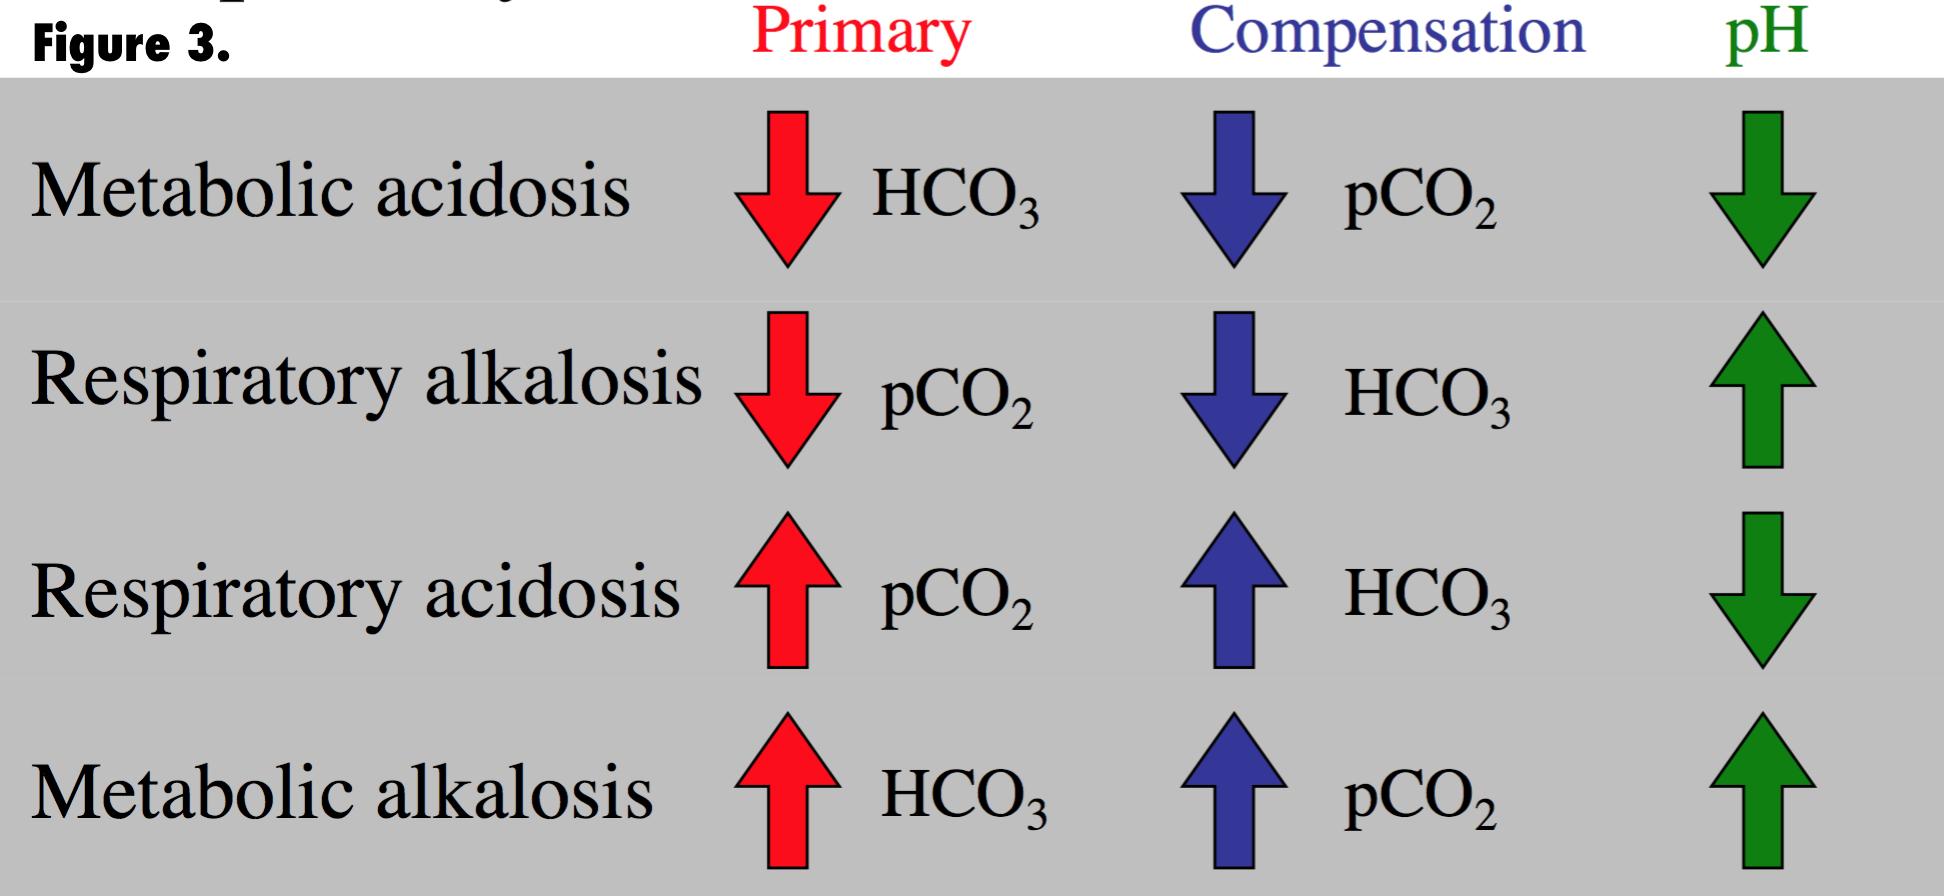 Primary Respiratory